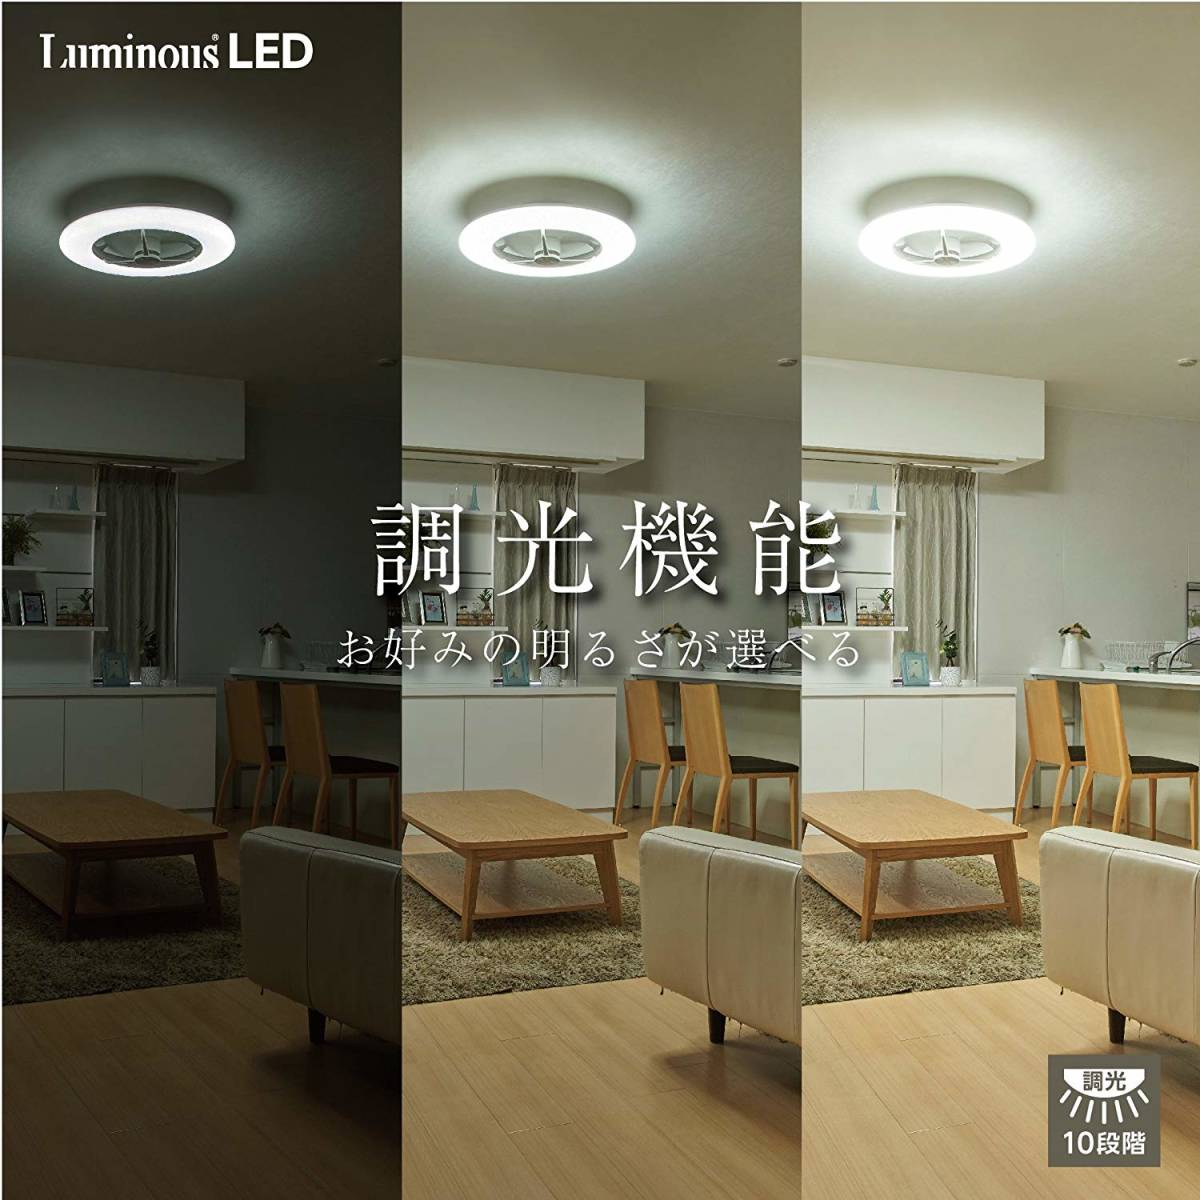 LED シーリングサーキュレーター ルミナス ~8畳 調光調色タイプ 光拡散レンズ搭載 シンプルリモコン付き ACC-08CM154_画像10